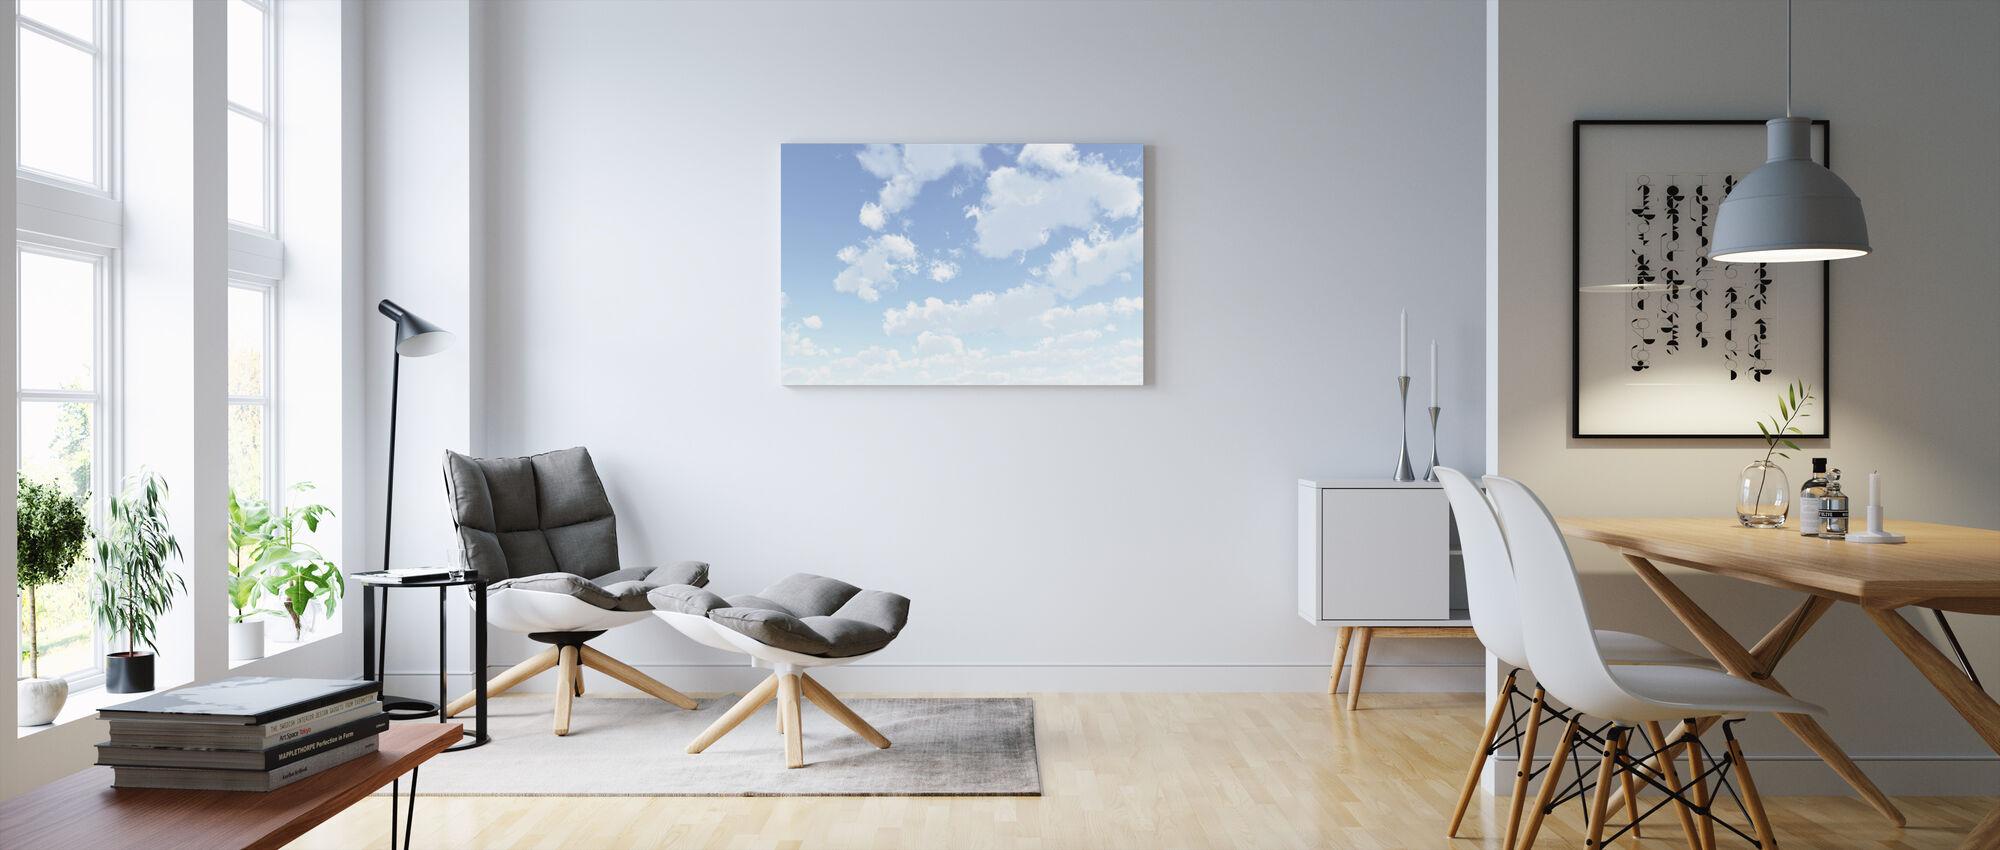 Cloudscape - Obraz na płótnie - Pokój dzienny